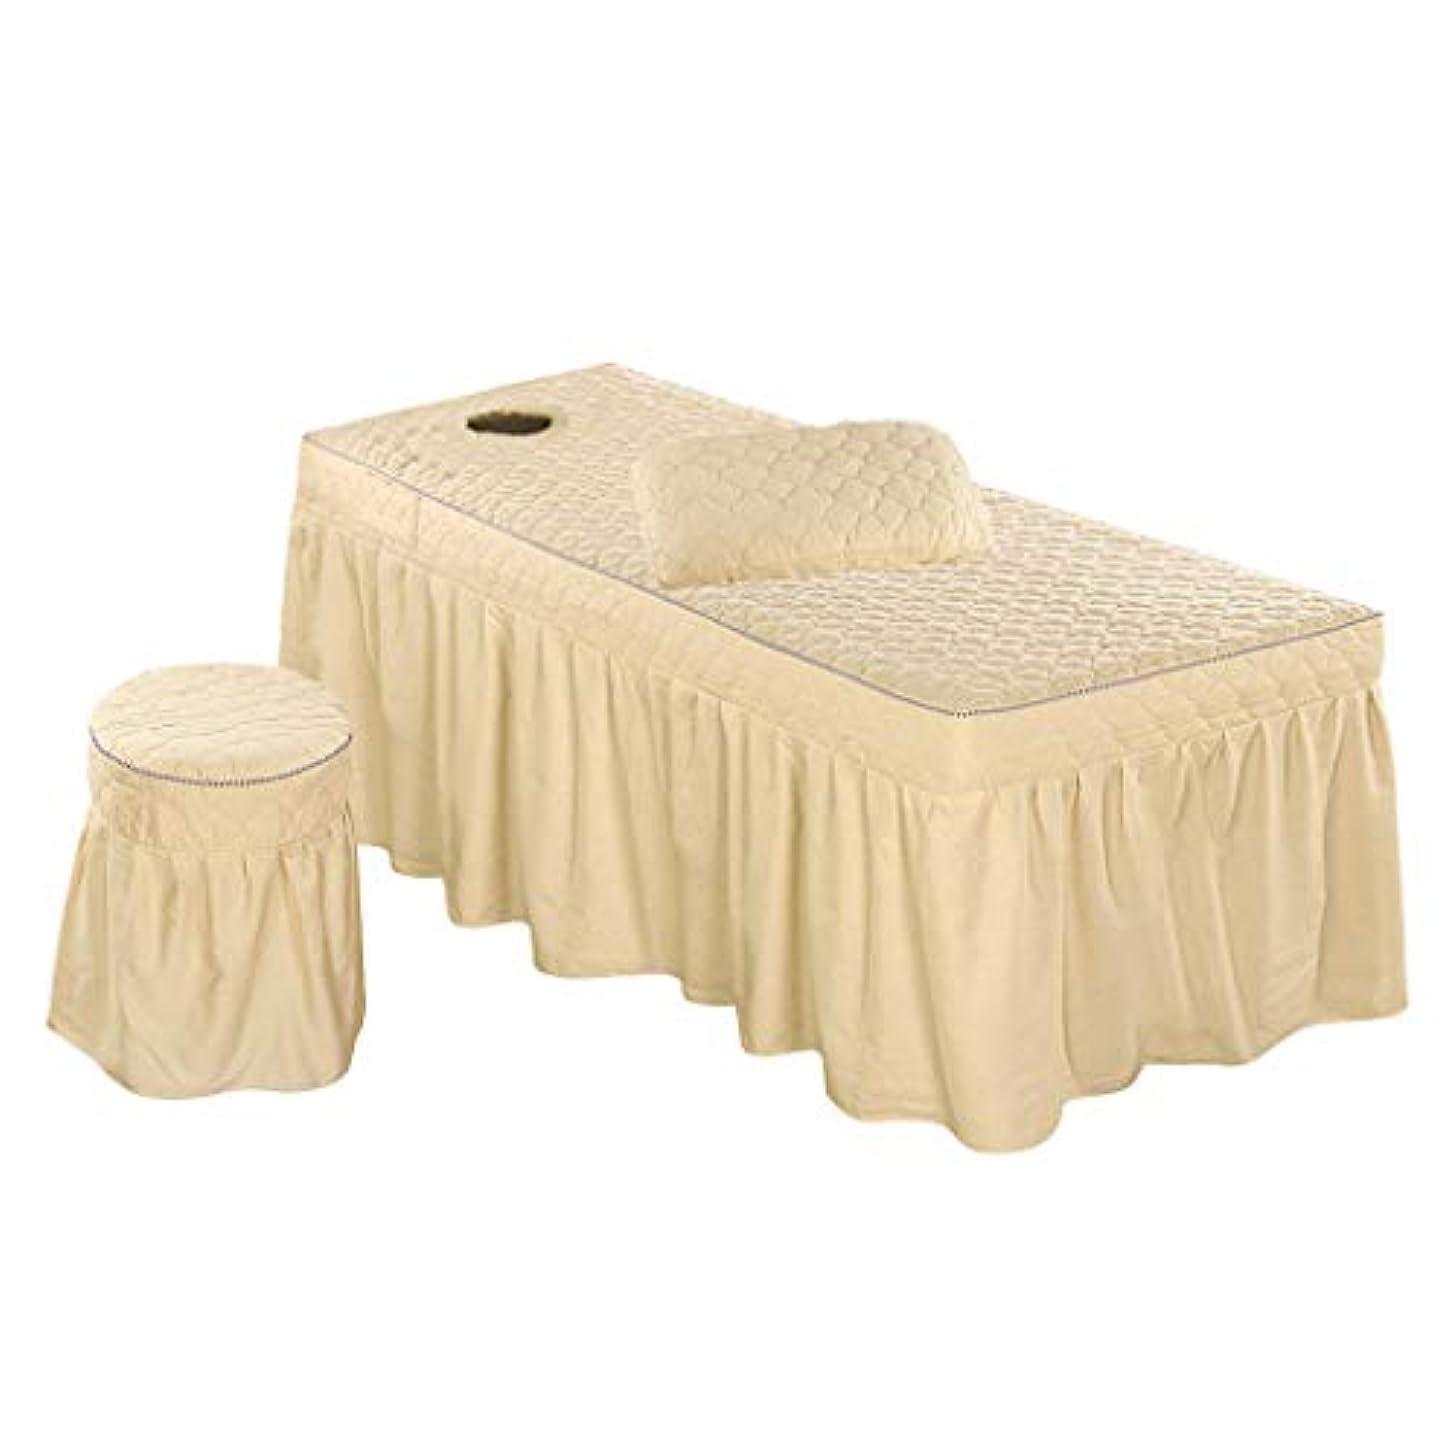 波紋ディレイ列車マッサージ化粧品テーブルシートカバー椅子カバー枕ケース - アプリコット